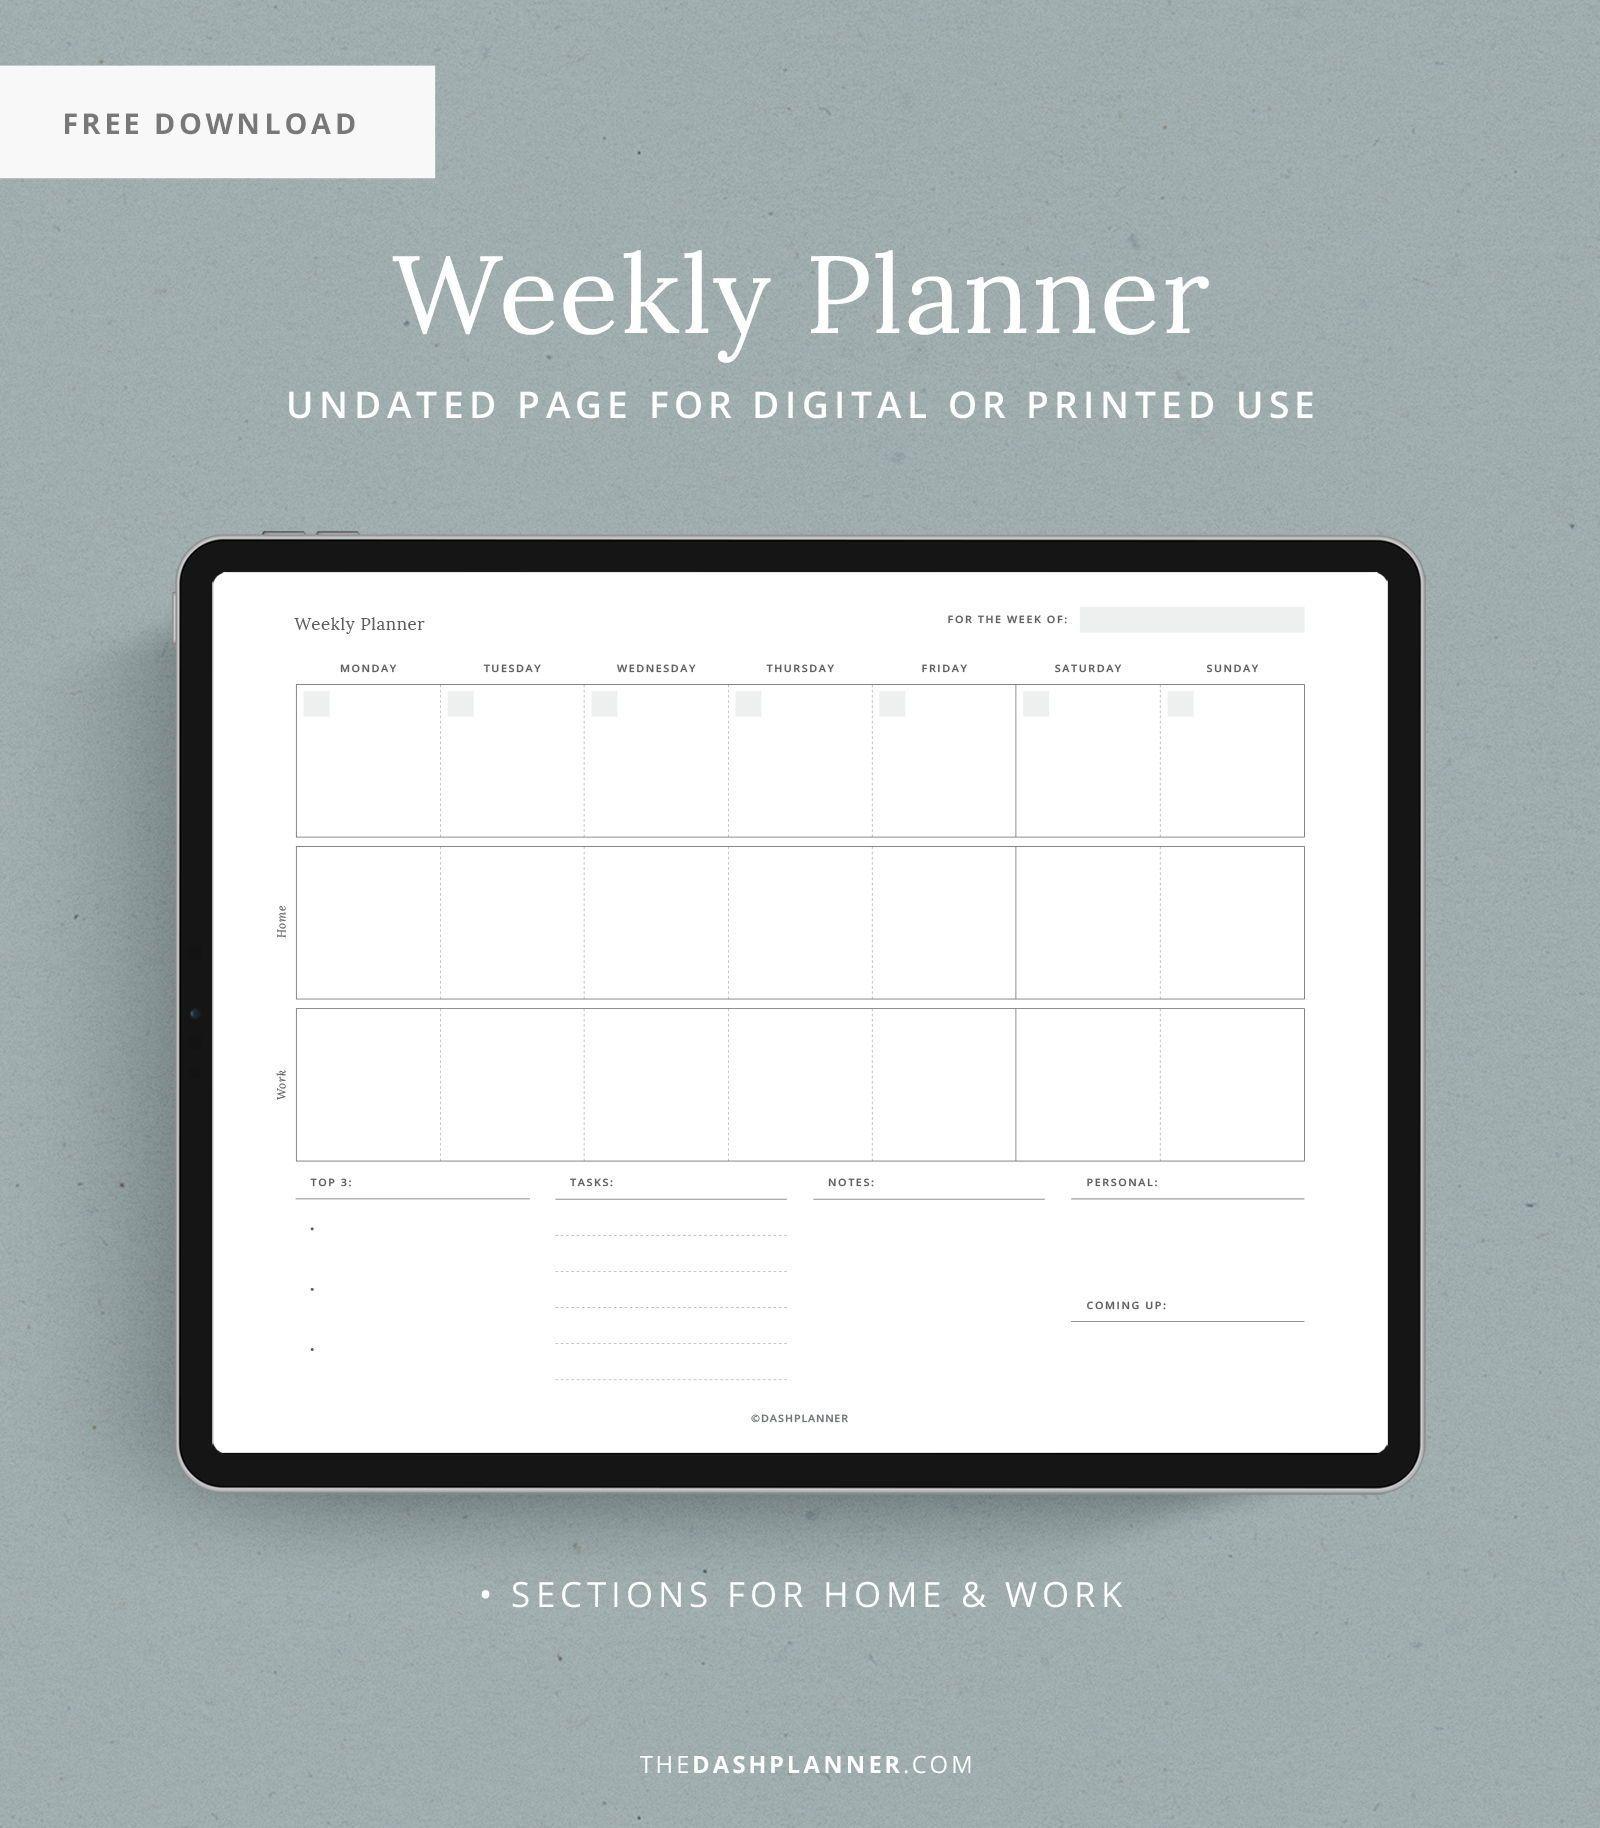 Free Downloads Dash Planner Weekly Planner Free Printable Weekly Planner Free Planner